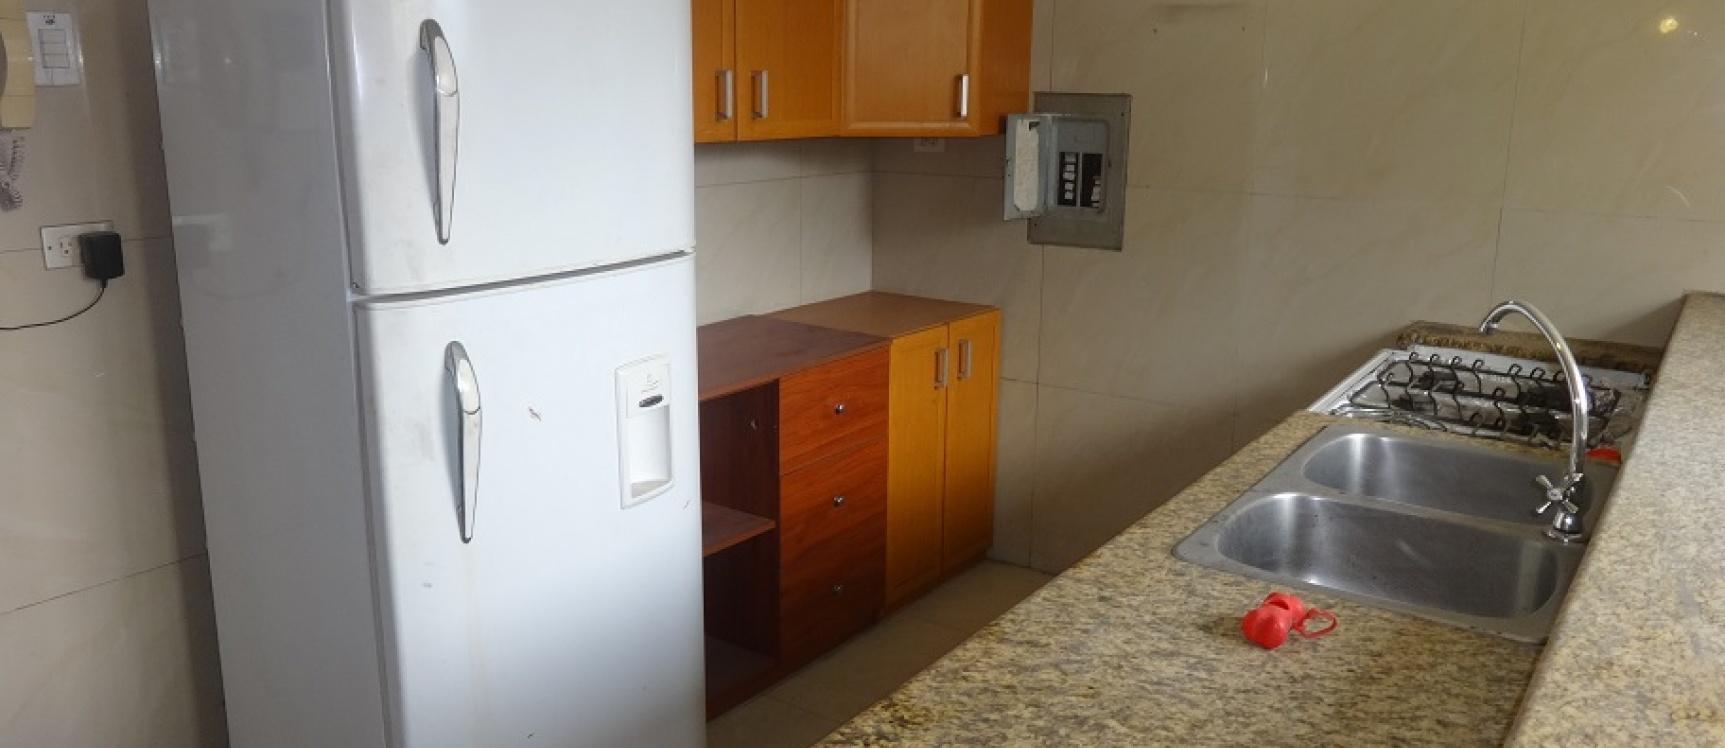 GeoBienes - Vendo Departamento, Lomas de Urdesa - Plusvalia Guayaquil Casas de venta y alquiler Inmobiliaria Ecuador